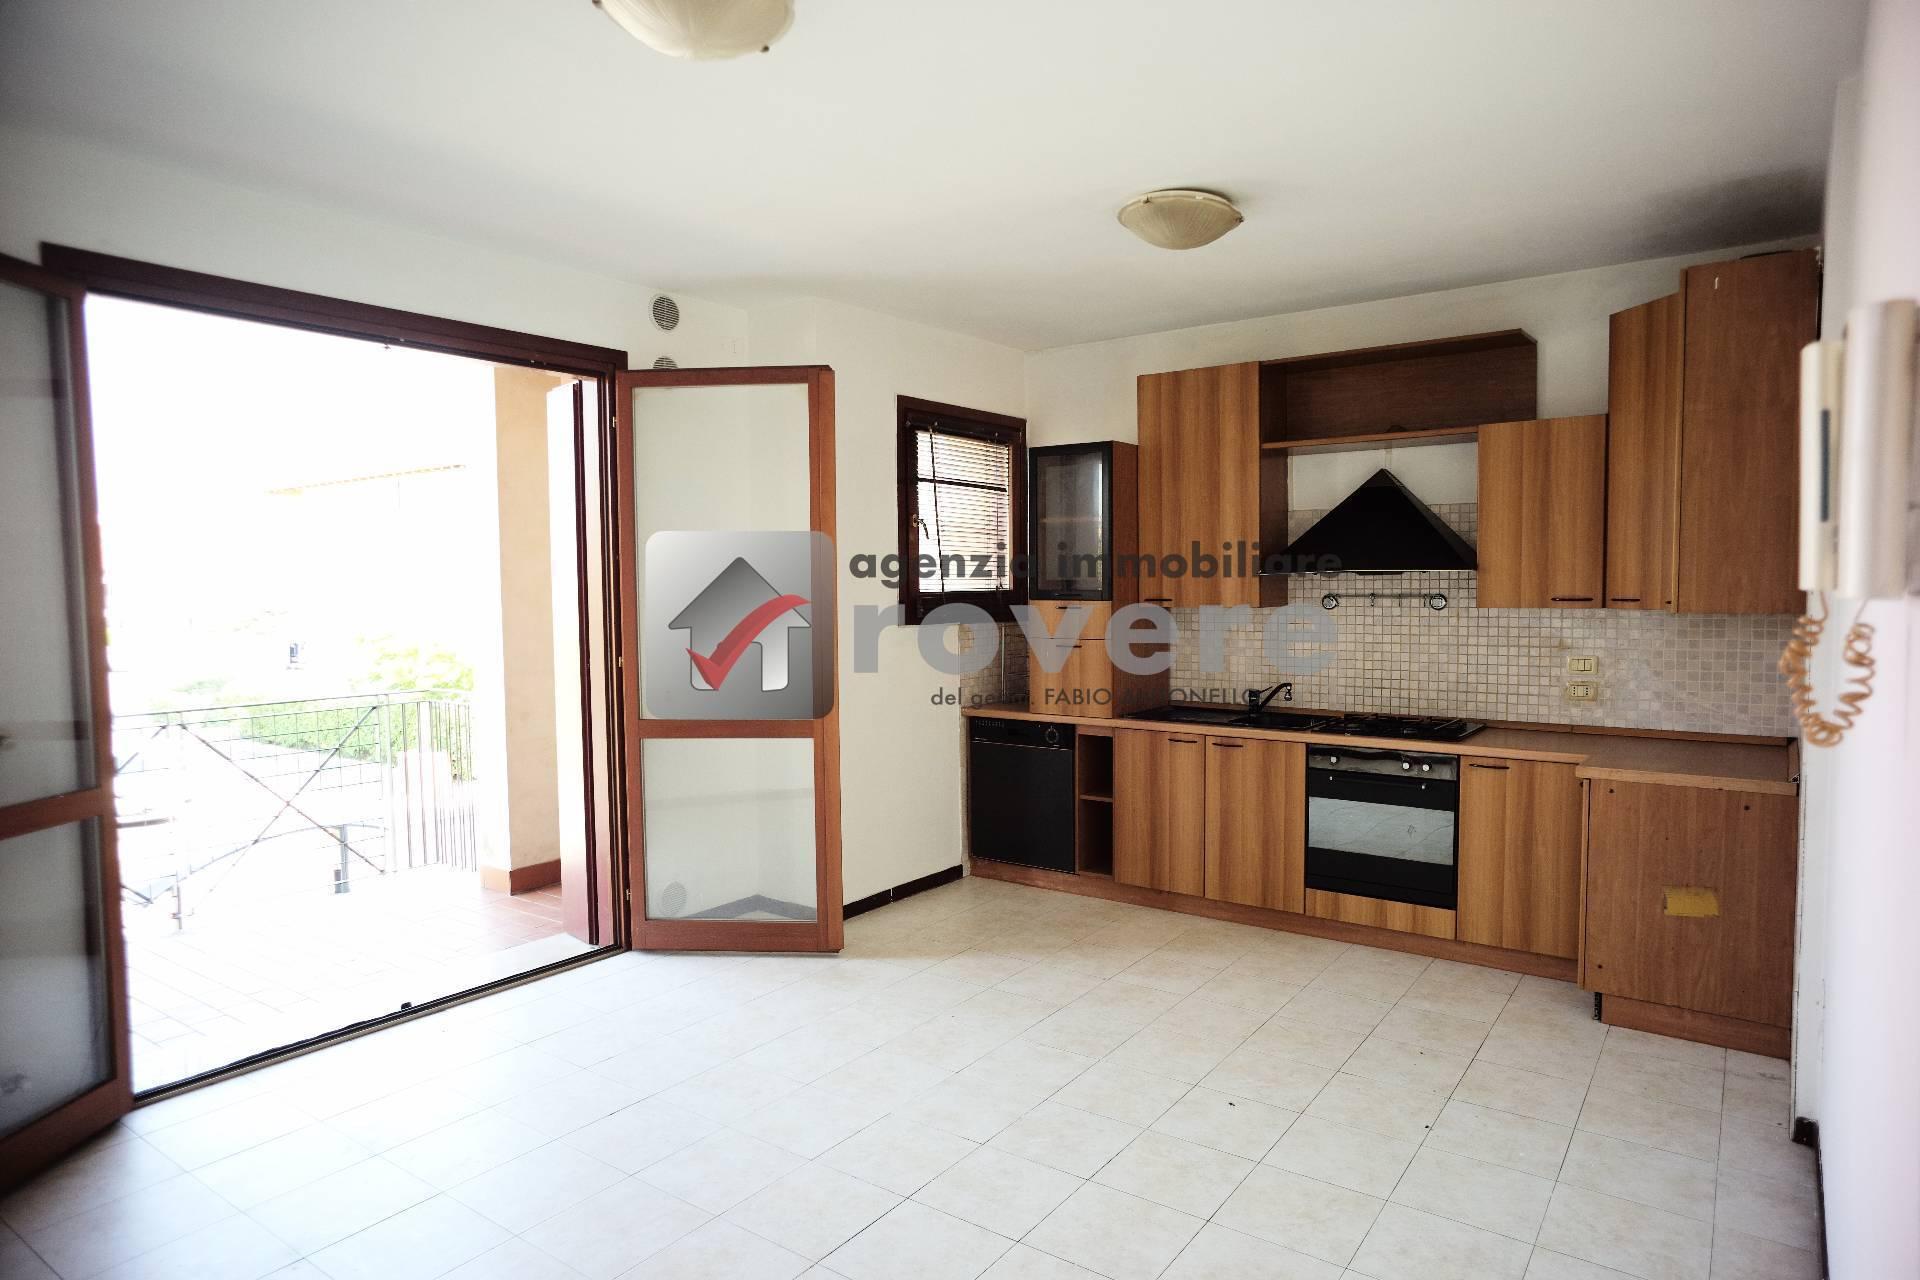 Appartamento in vendita a Carbonera, 3 locali, zona n, prezzo € 119.000   PortaleAgenzieImmobiliari.it